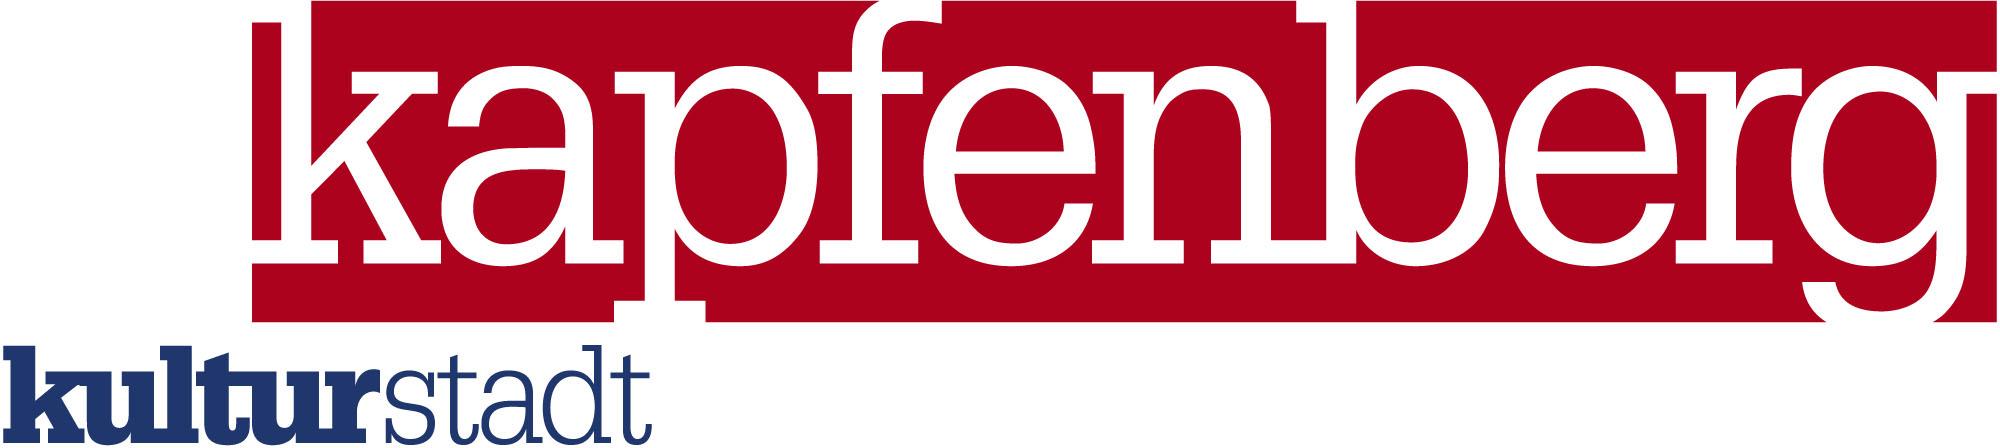 ... tickets kontakt programm anfahrt bands gästebuch gallery sponsoren: www.premoweb.at/almrock/content/sponsoren.php